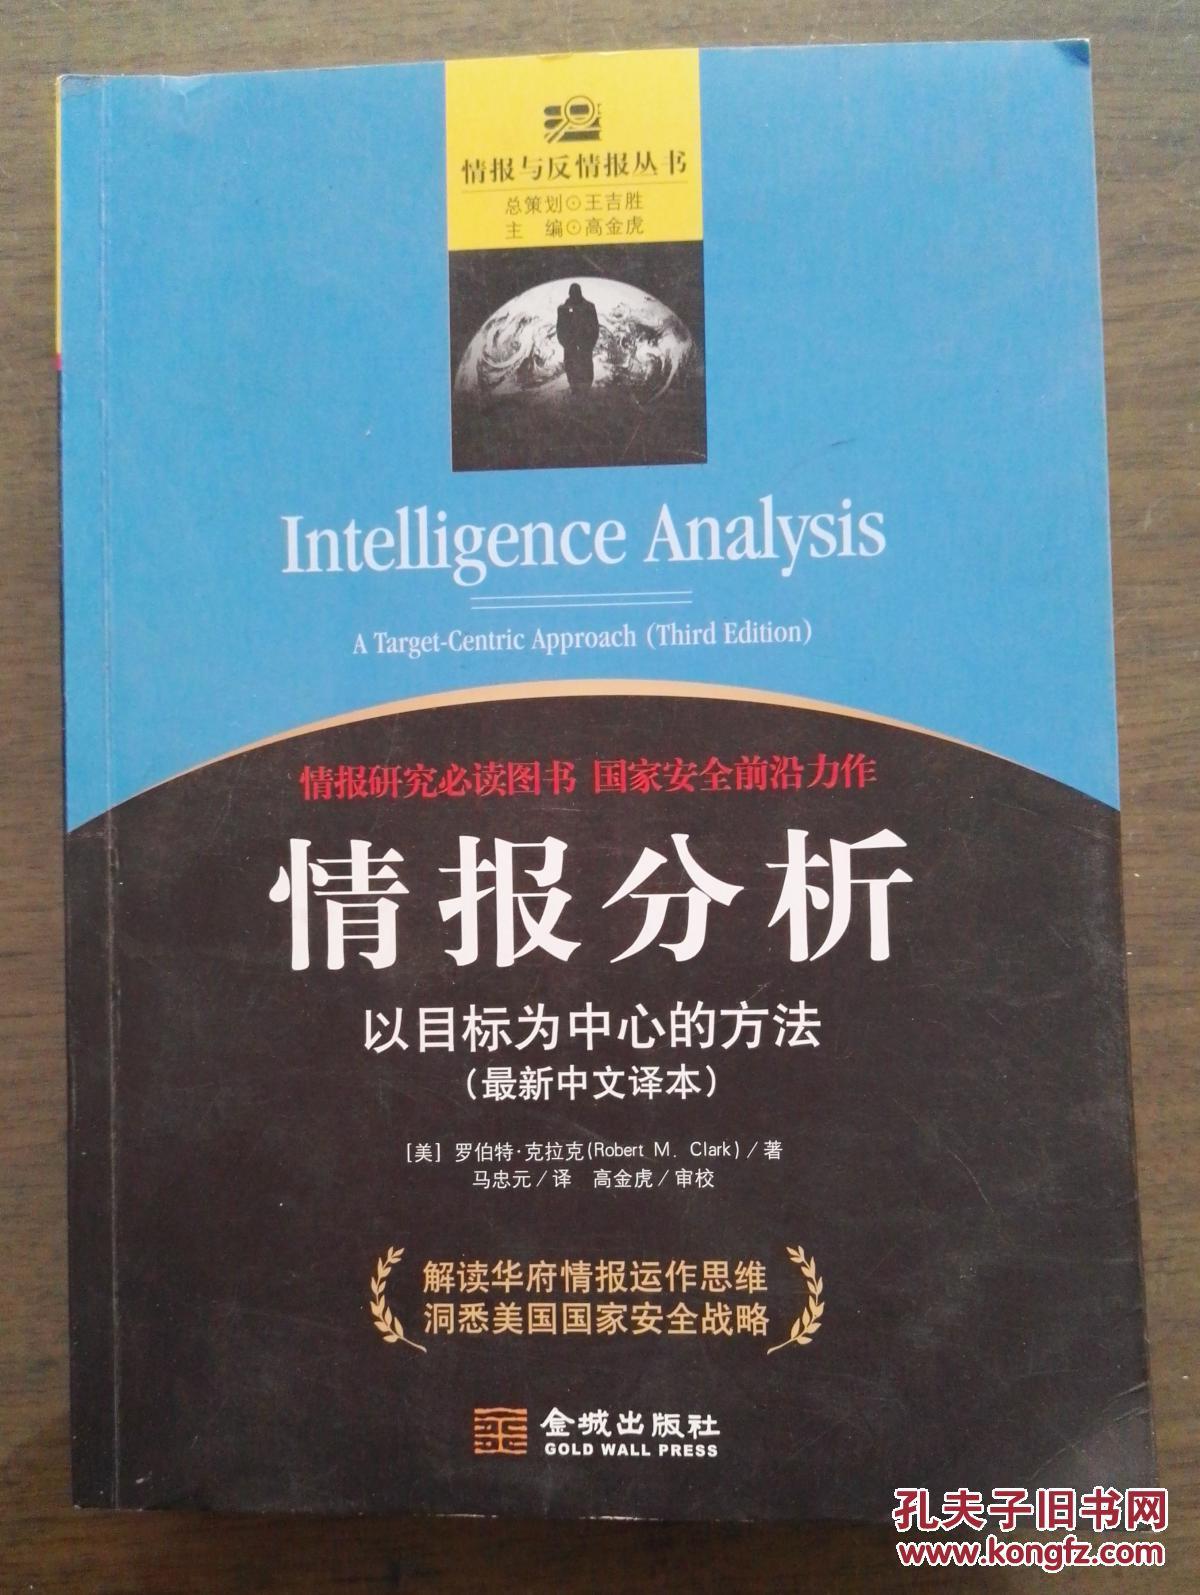 情报分析:以目标为中心的方法